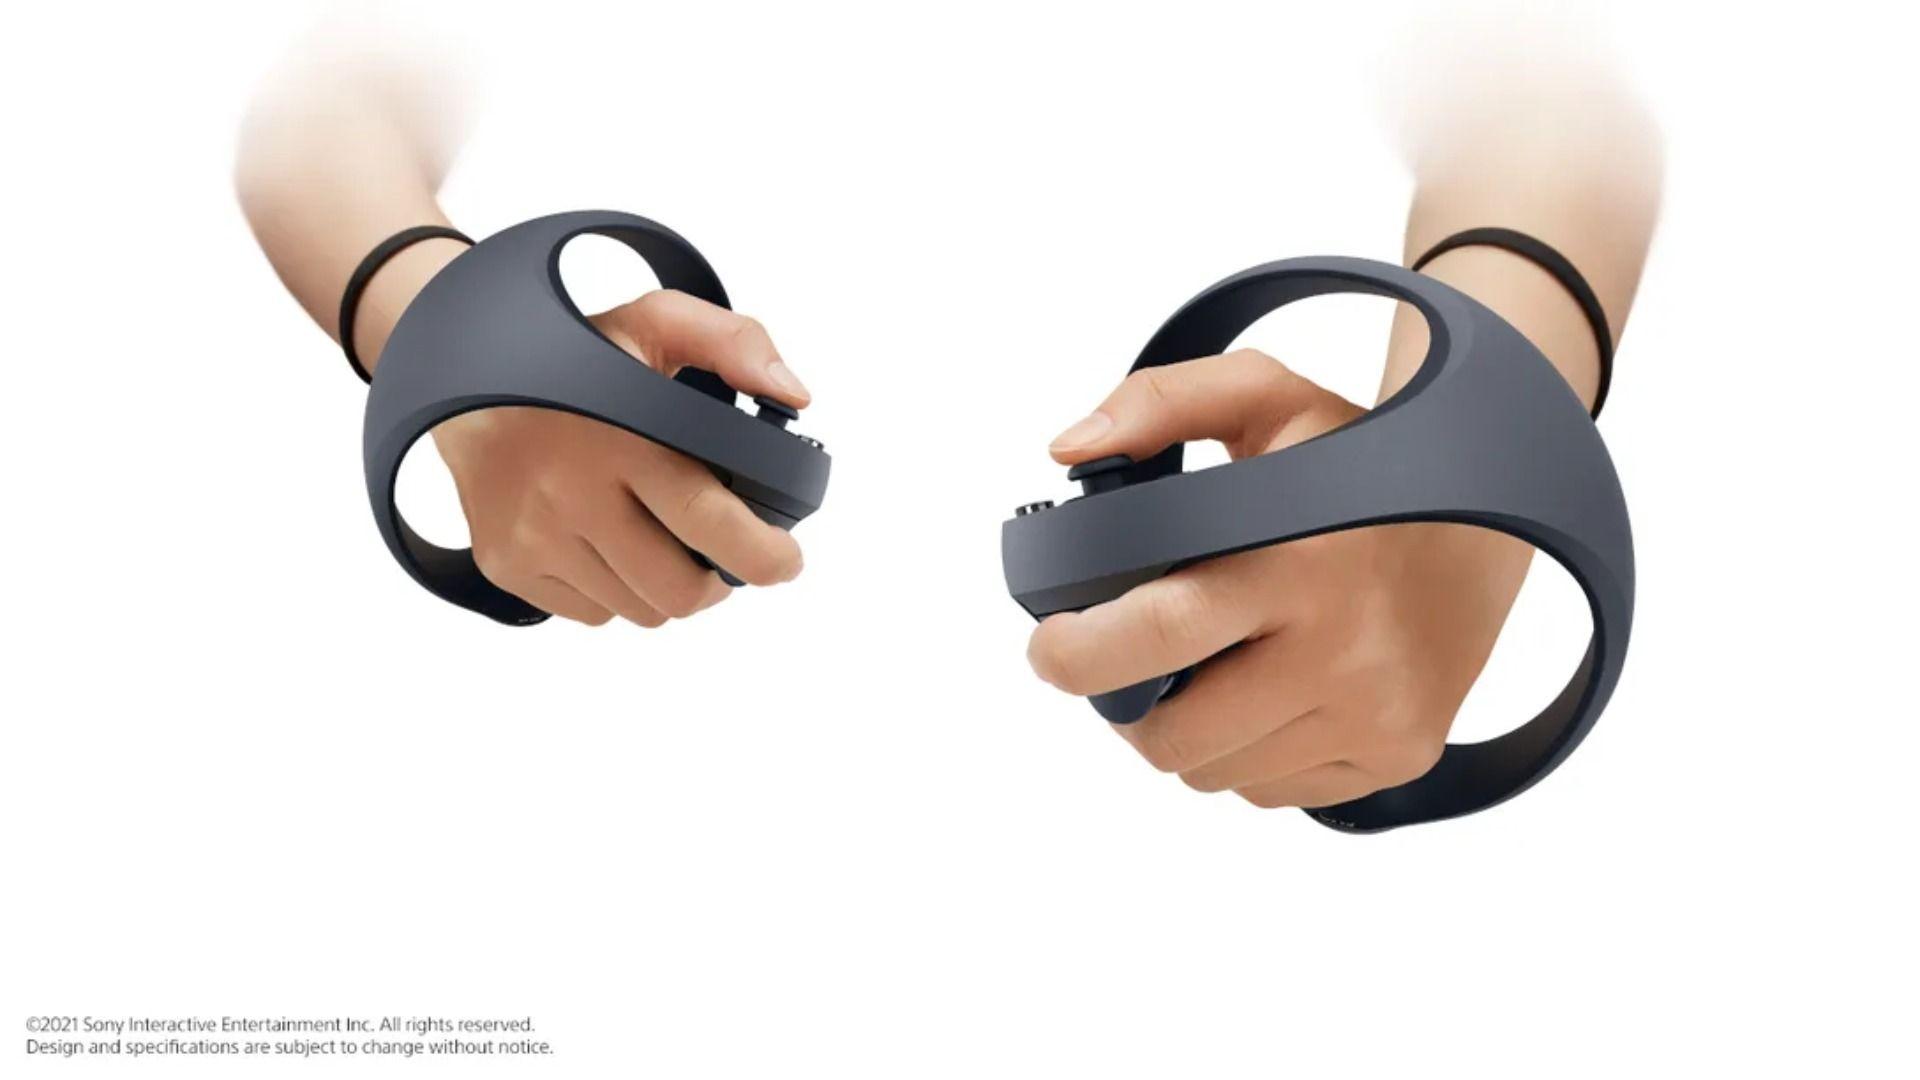 PlayStation Next-Gen VR